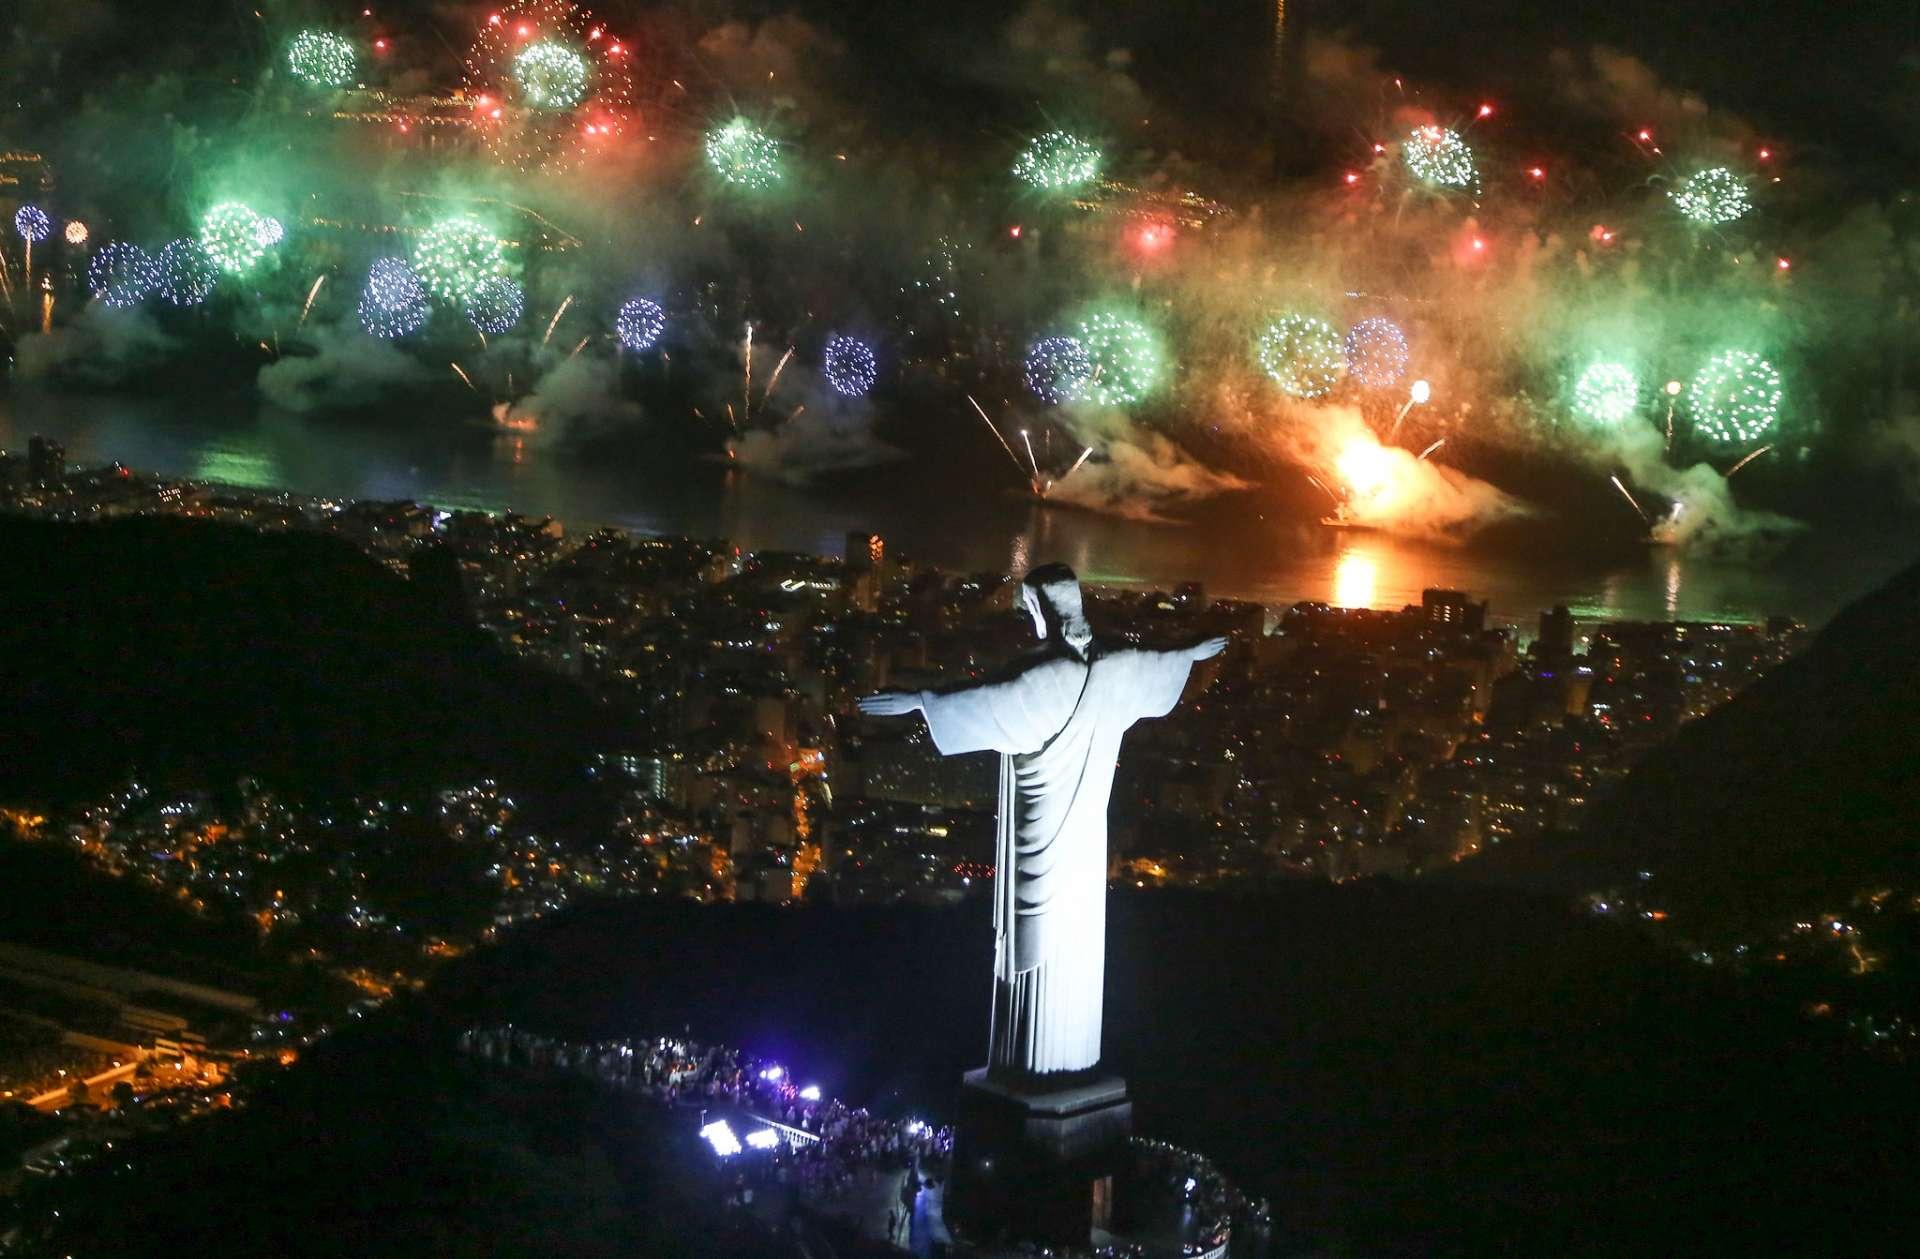 Réveillon no Rio de Janeiro: festa inesquecível. Foto: Fernando Maia / Riotur